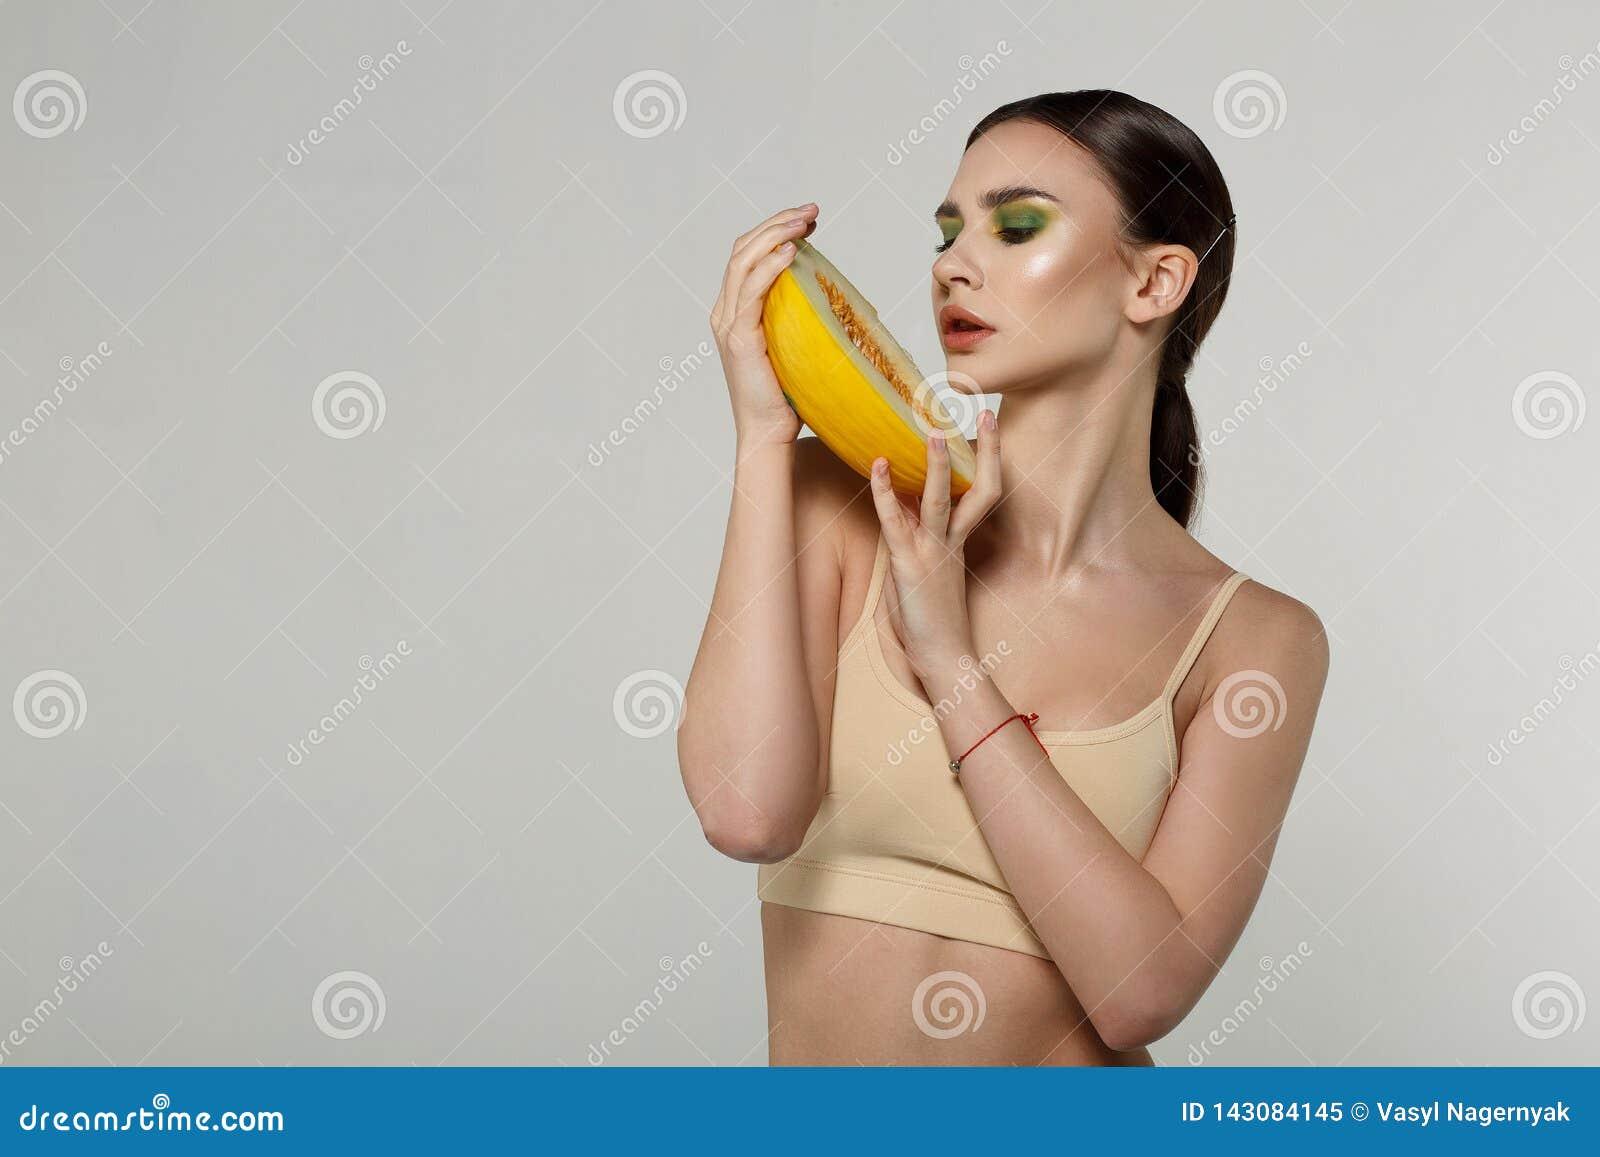 Modelo fêmea novo com a pele natural saudável que olha o melão cortado em suas mãos